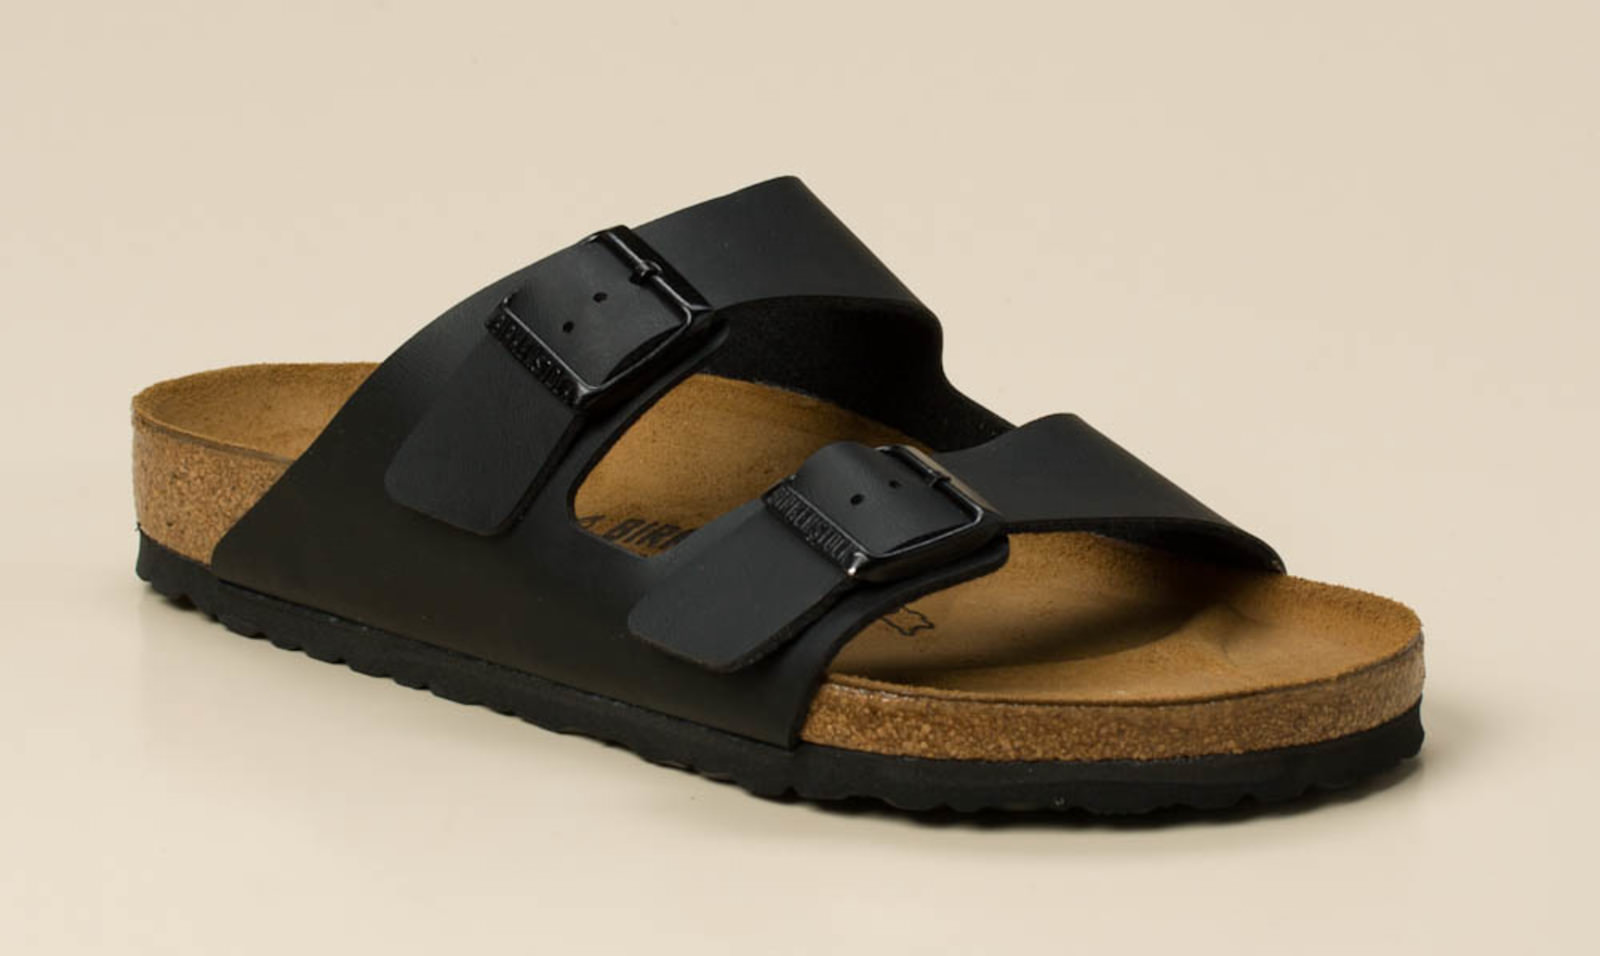 birkenstock herren pantolette arizona in schwarz kaufen zumnorde online shop. Black Bedroom Furniture Sets. Home Design Ideas